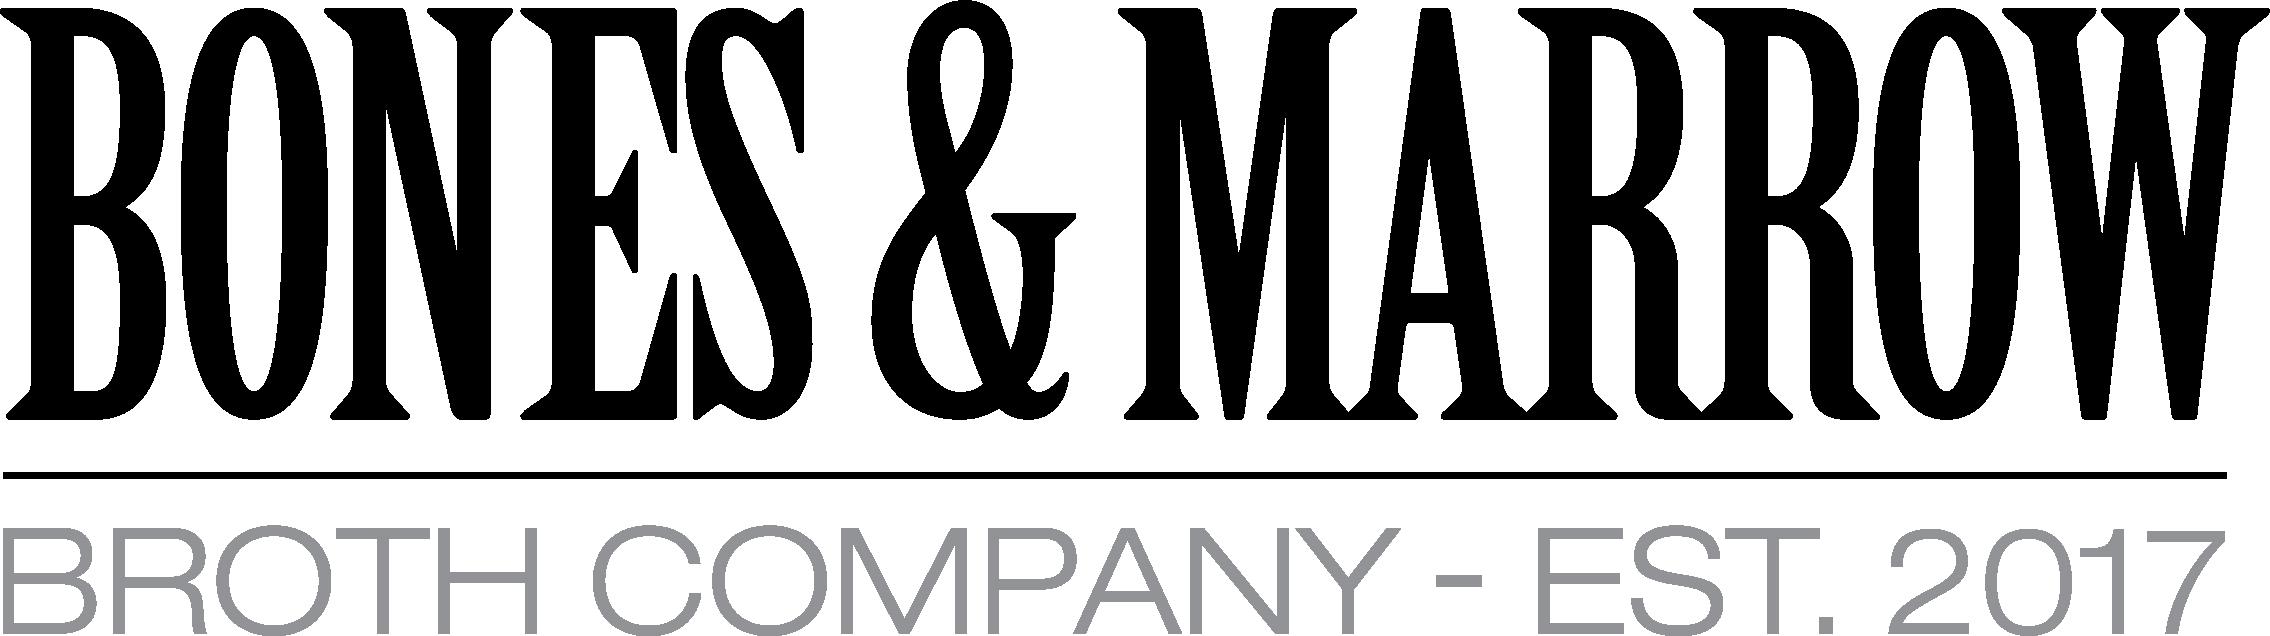 Bones and Marrow Broth Company